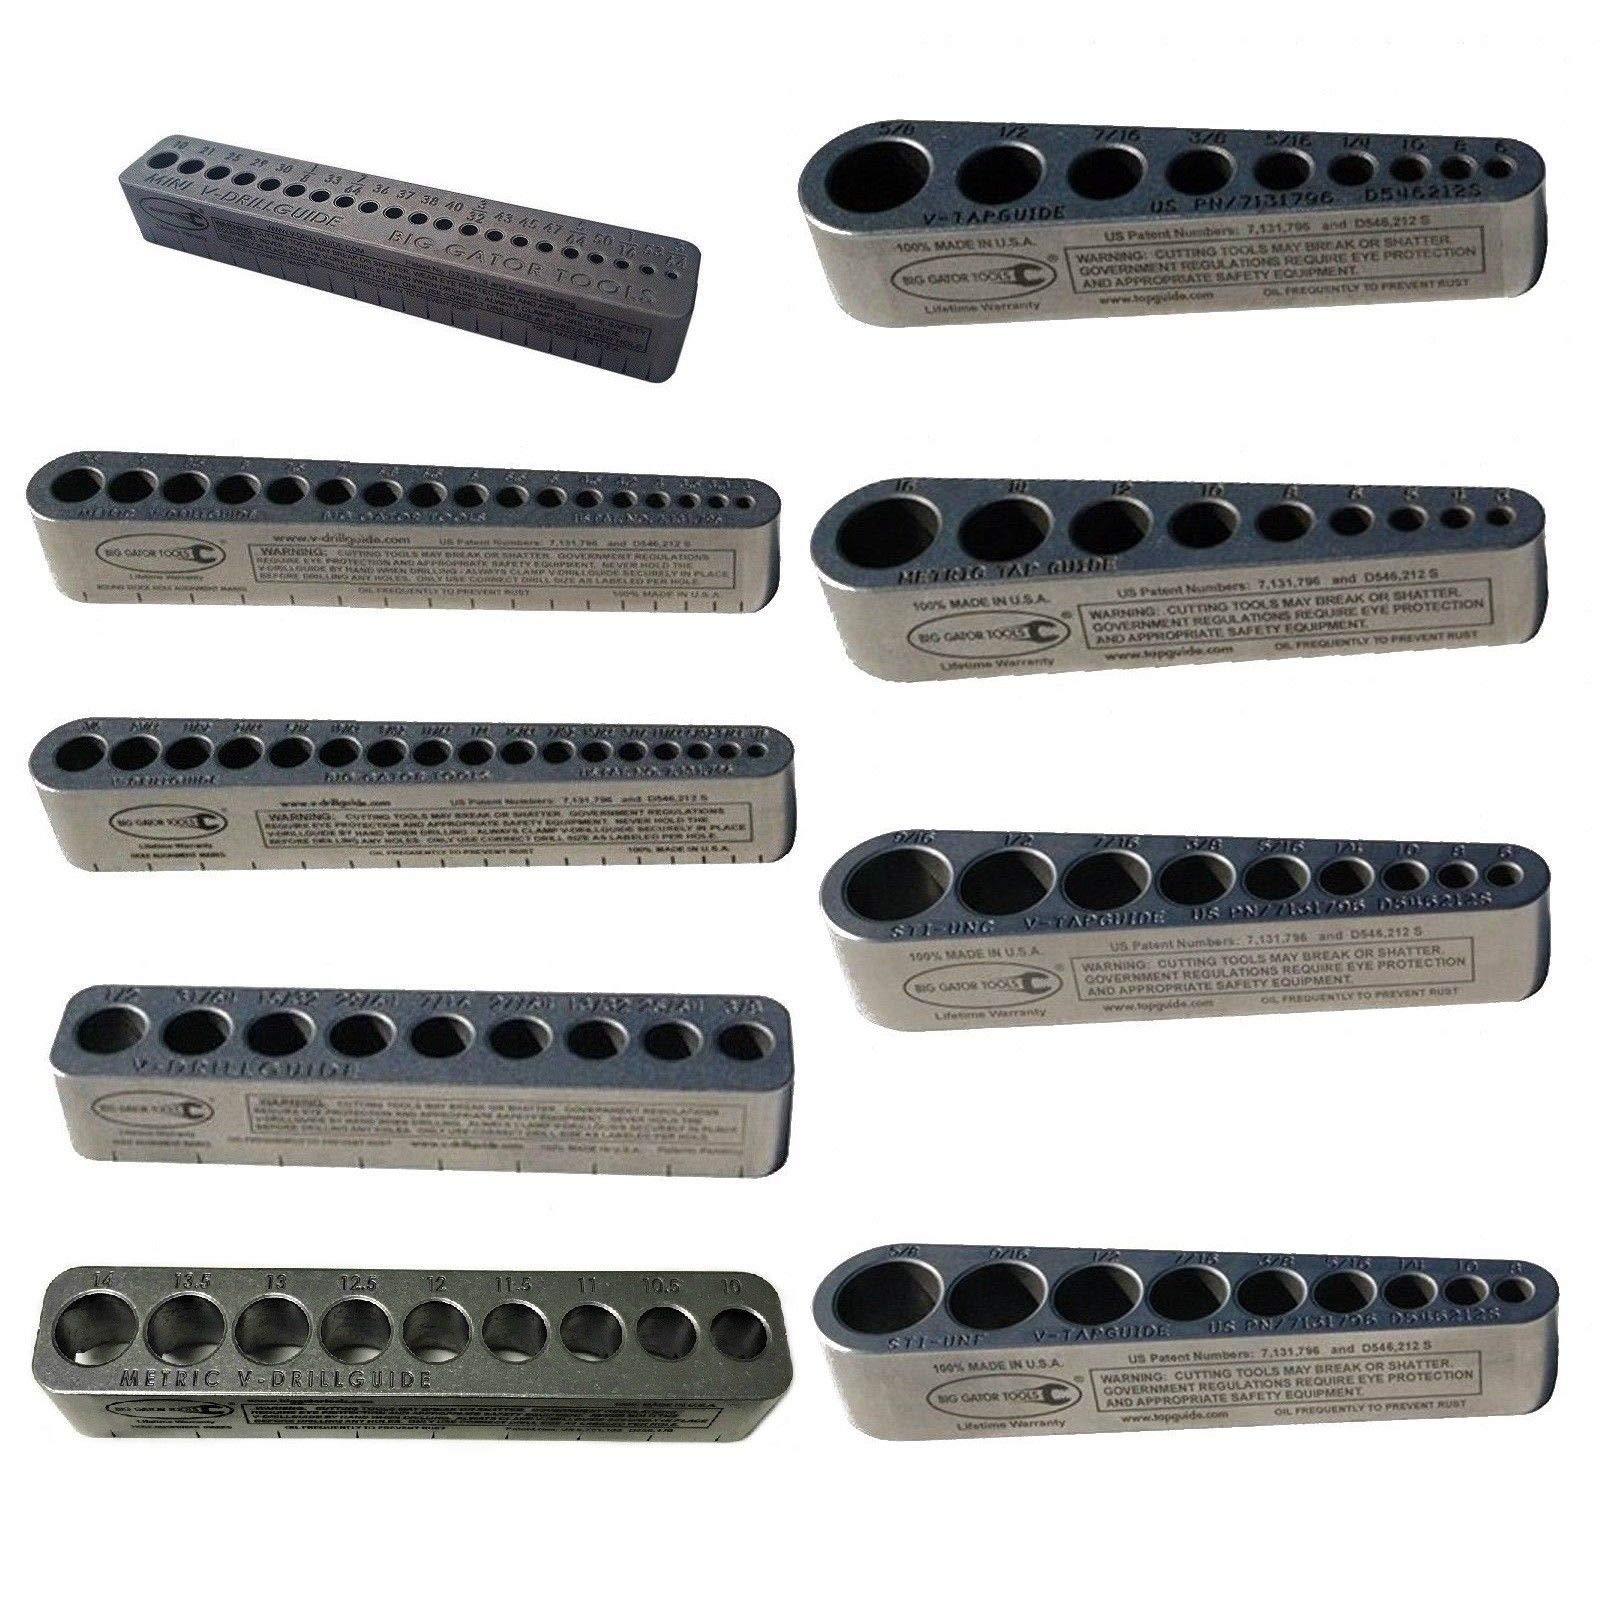 Big Gator Tools BGT V-9Pro V-DrillGuide/V-TapGuide Portable Hand Tool 9PC Set SAE/Metric/Coarse/Fine